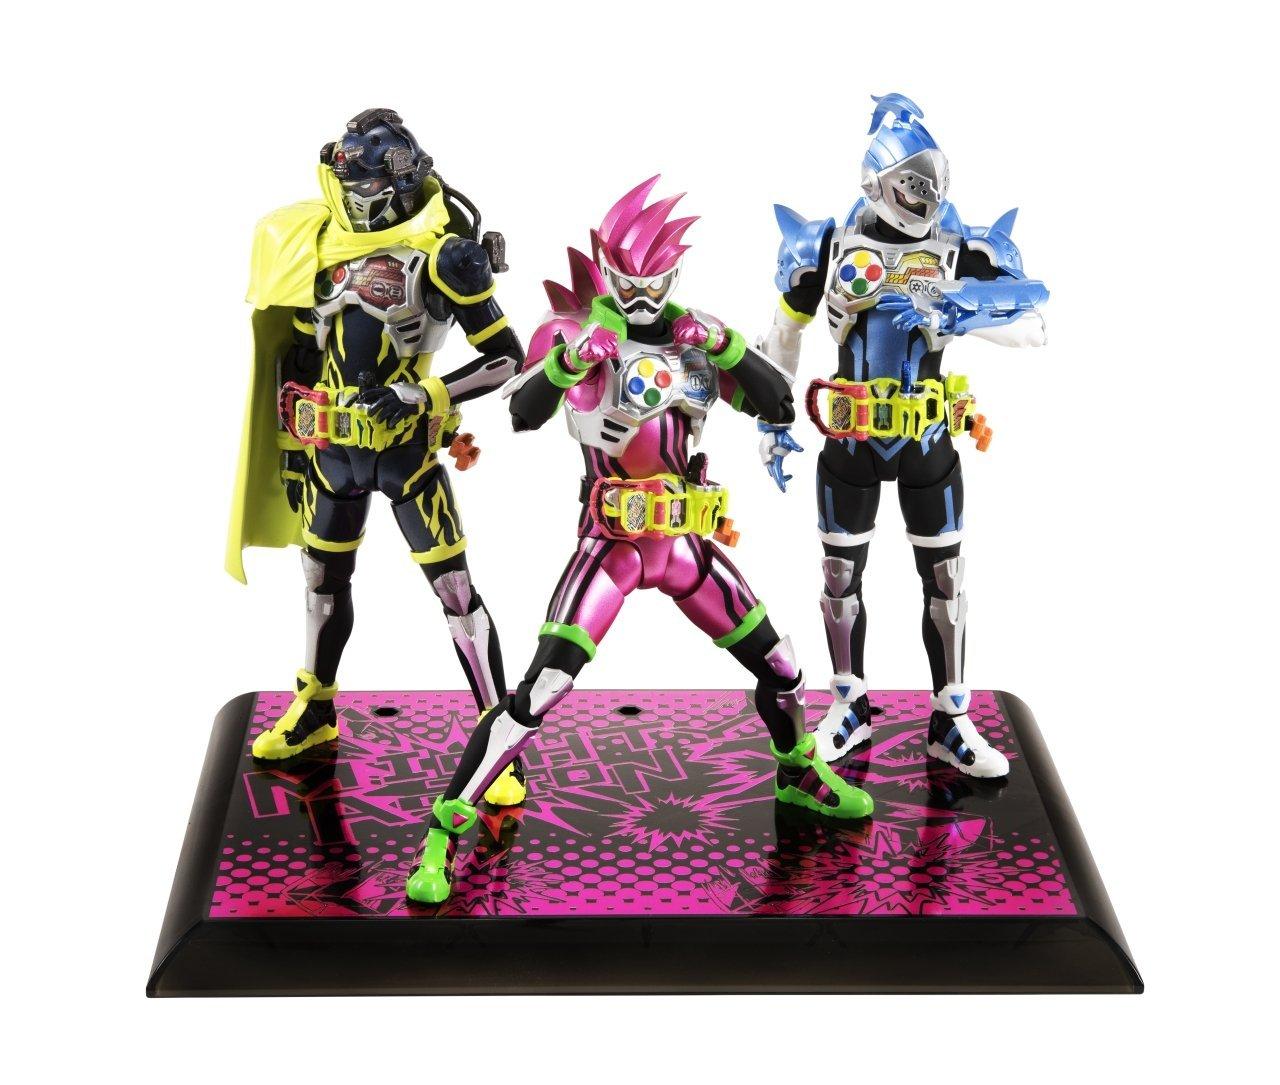 S.H.フィギュアーツ 仮面ライダーエグゼイド マイティアクションX ビギニングセット_